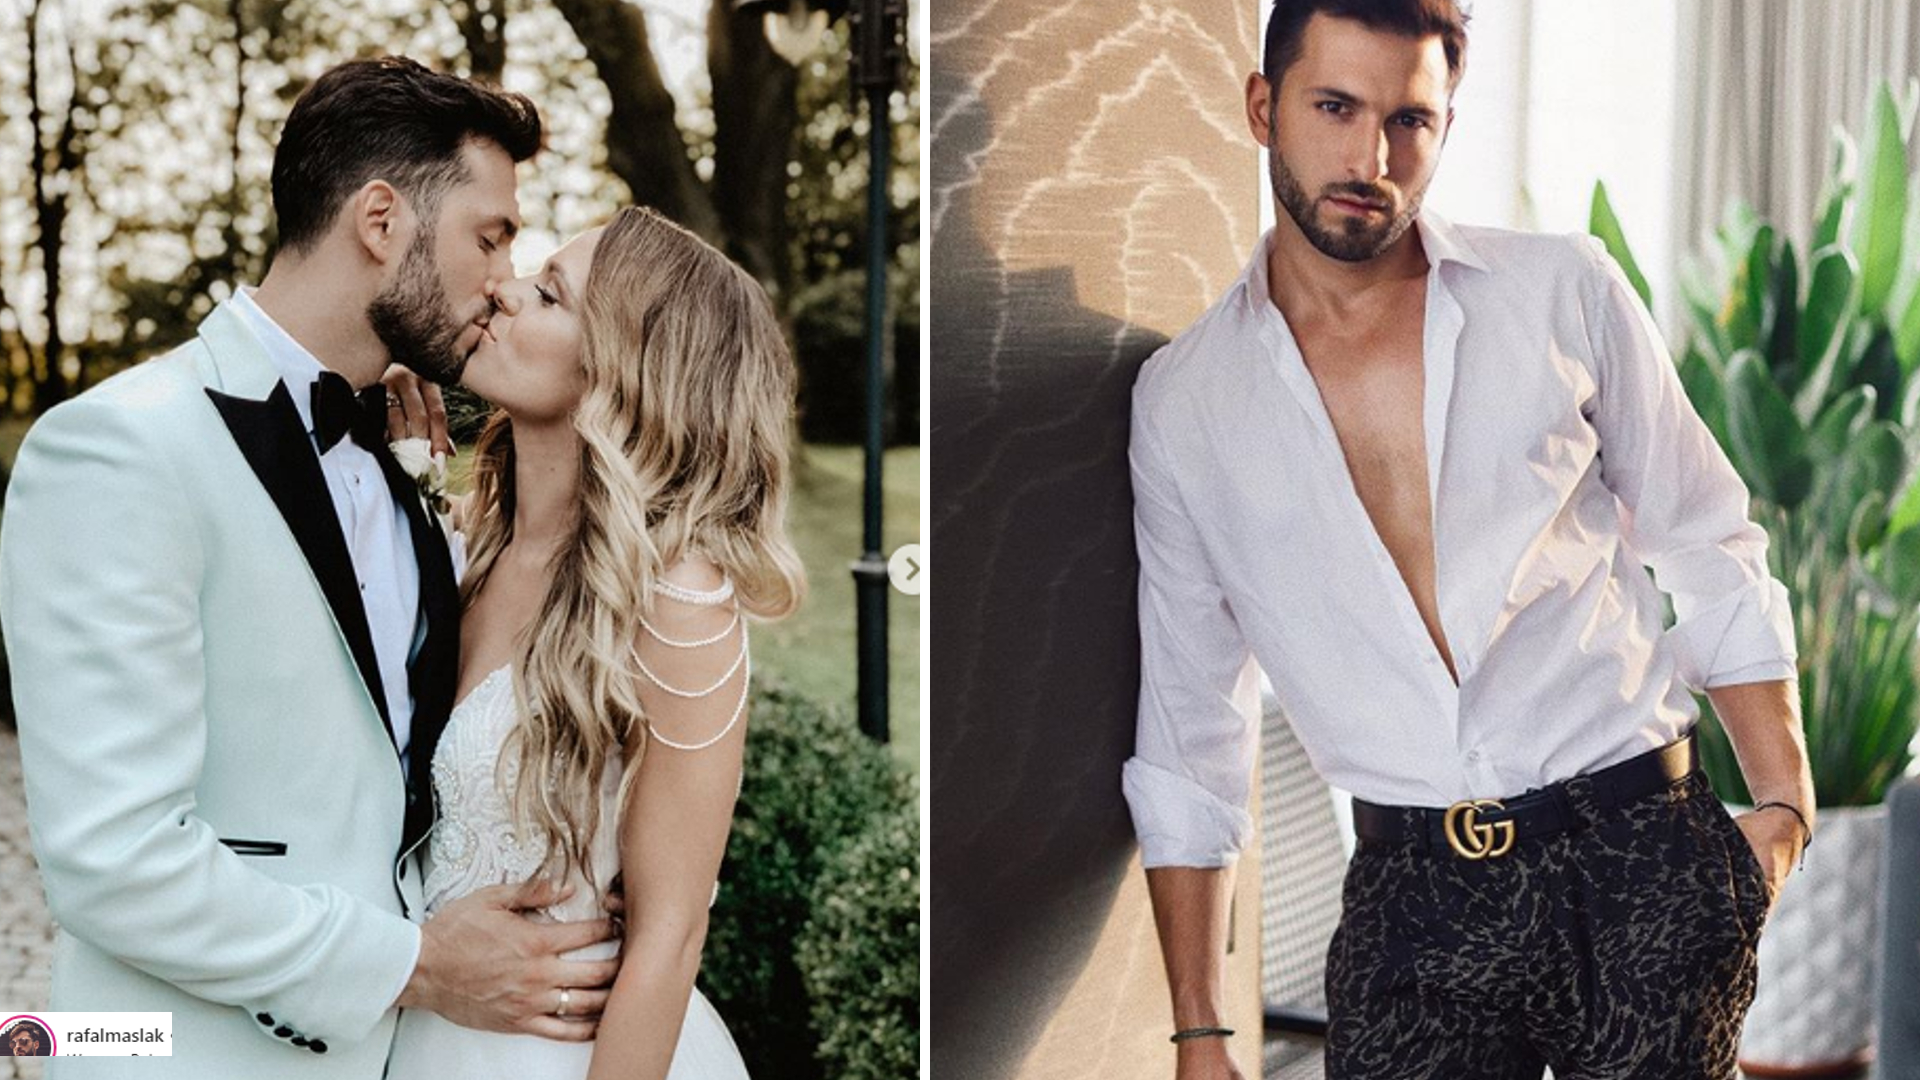 Rafał Maślak wziął ślub! Nicpoń pokazała PIĘKNĄ suknię!